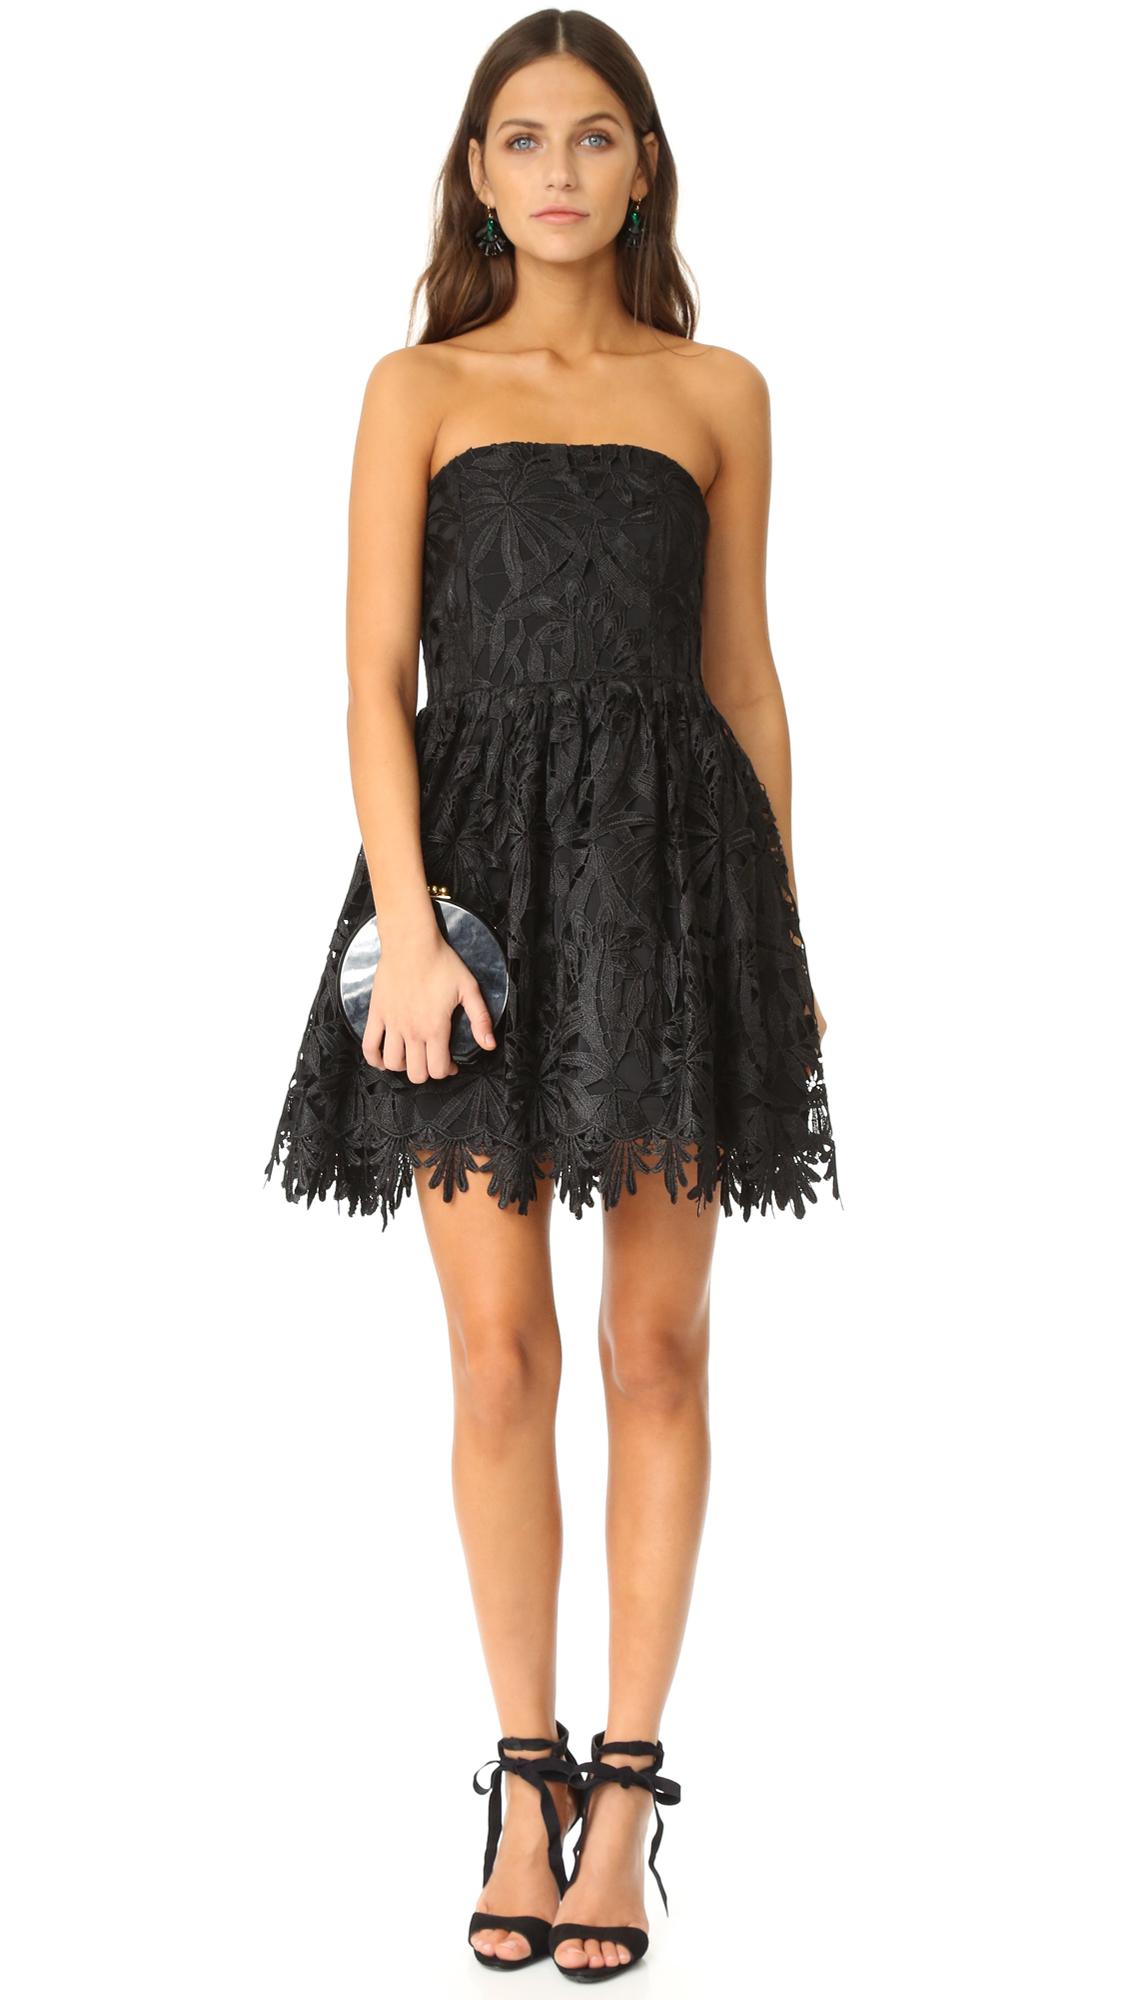 d457351bc37 alice + olivia Daisy Party Dress